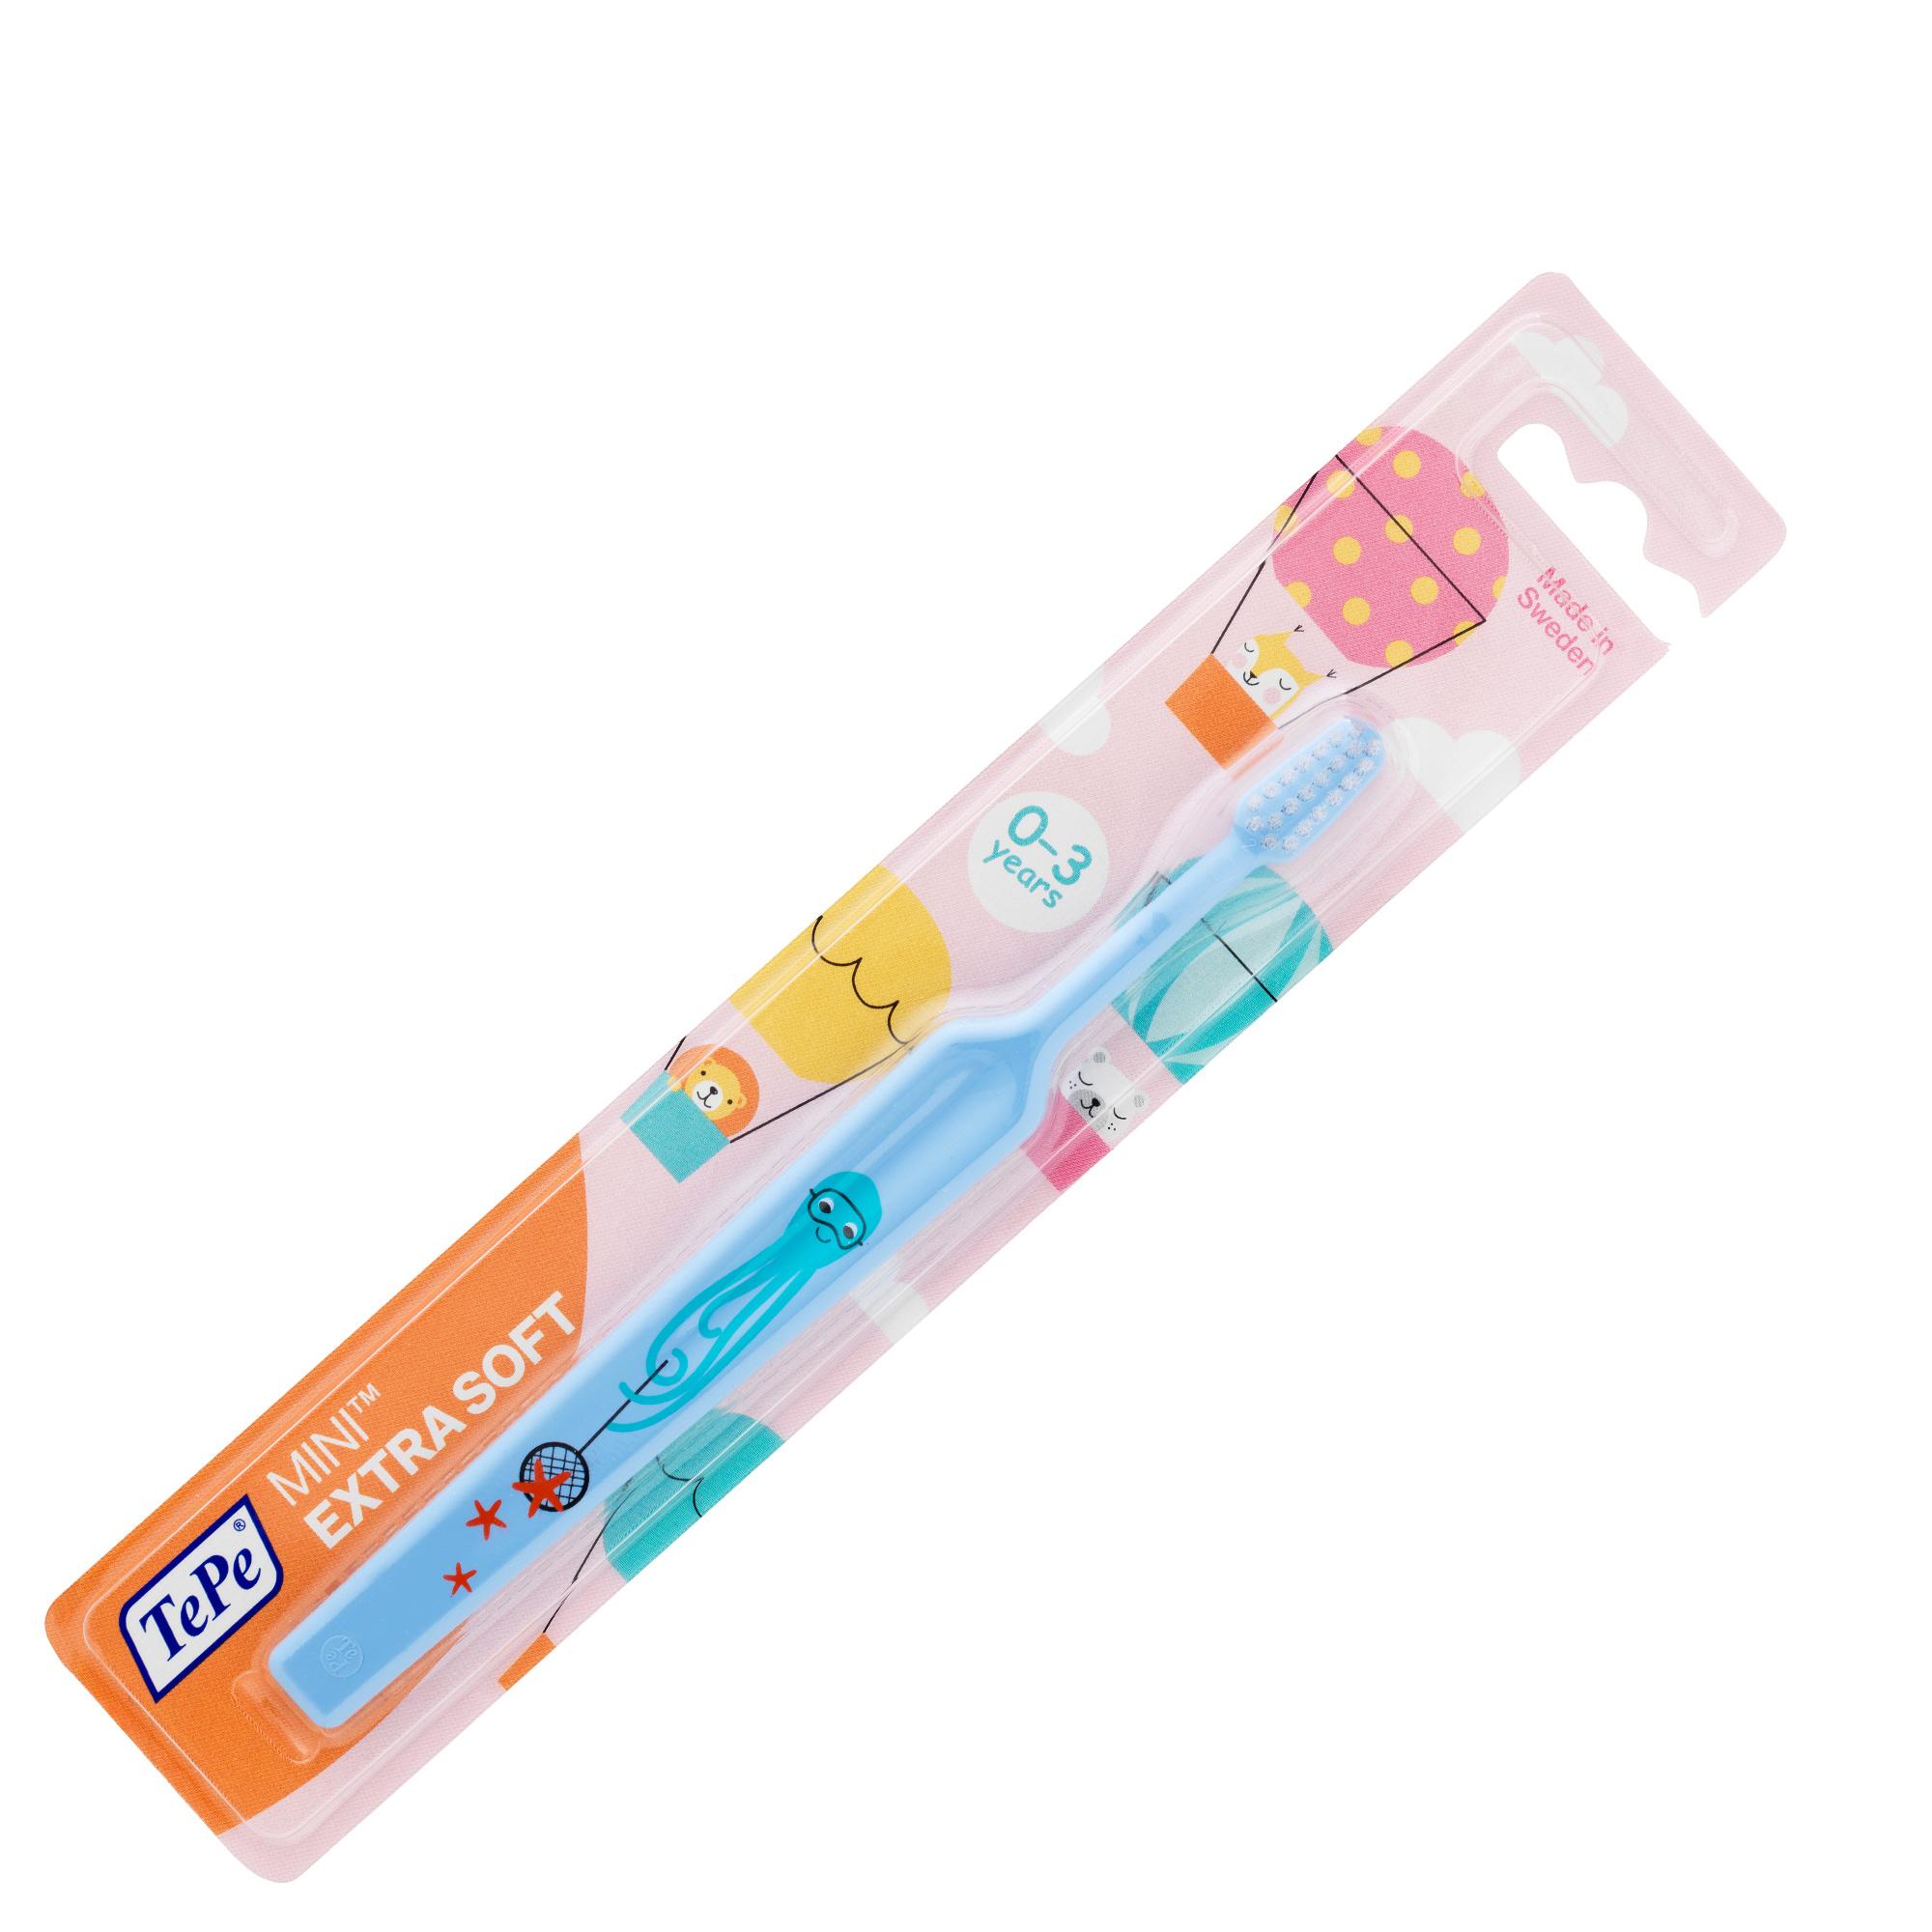 Bàn chải đánh răng siêu mềm cho trẻ 0-3 tuổi Tepe Mini X-soft nhiều màu